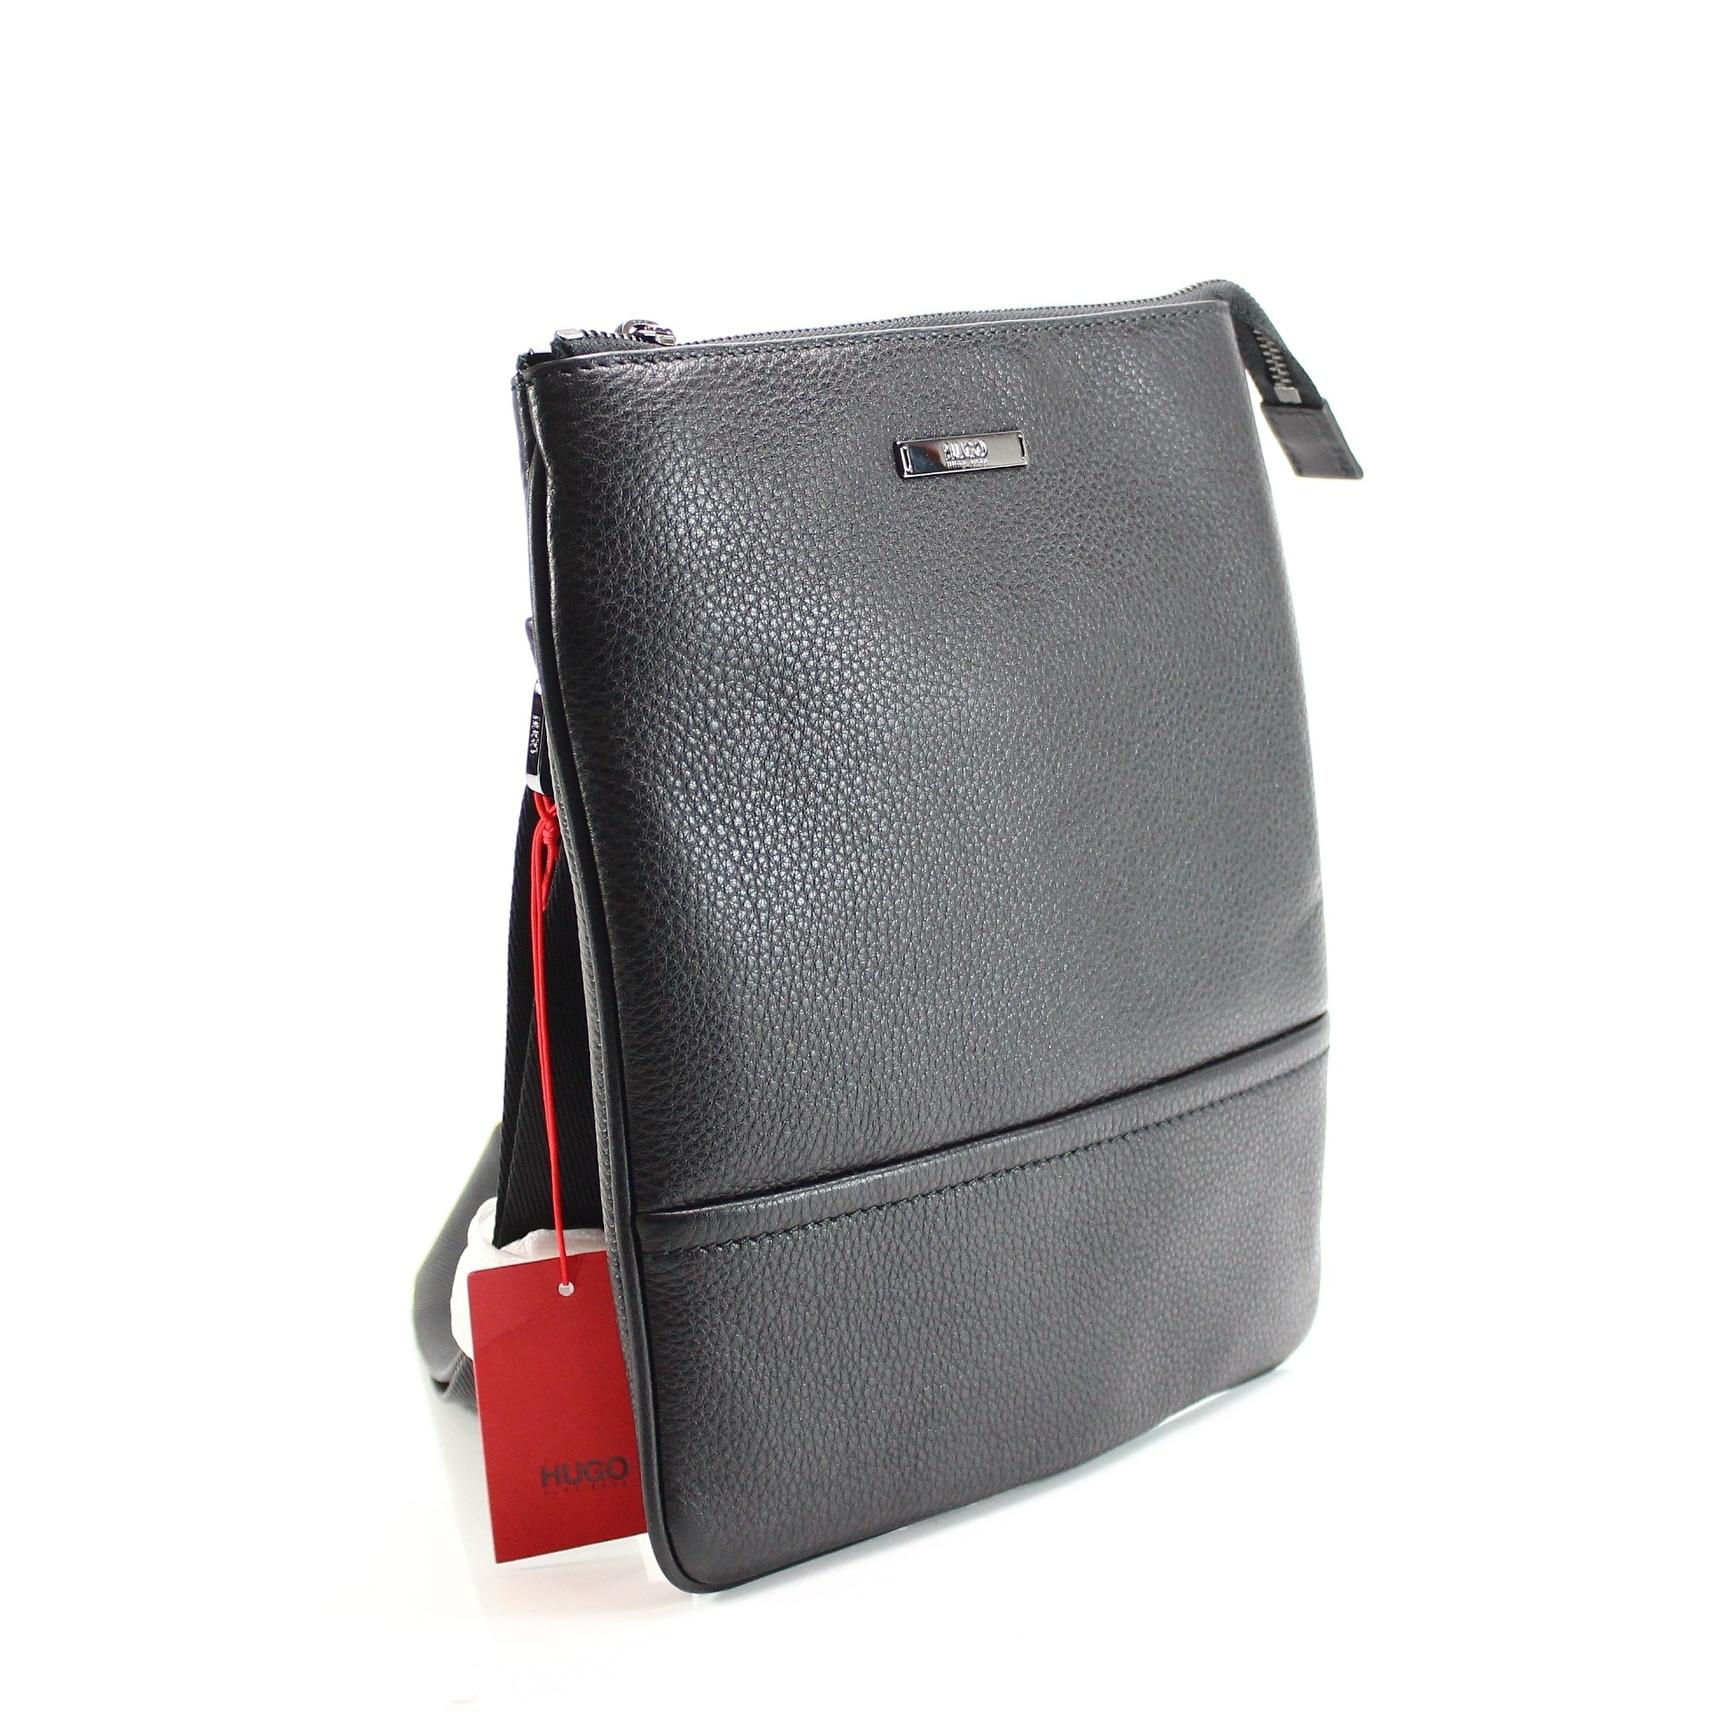 a35d3a2587 Shop HUGO BOSS Black Element Workbag Messenger Shoulder Bag Leather - Free  Shipping Today - Overstock - 22367831